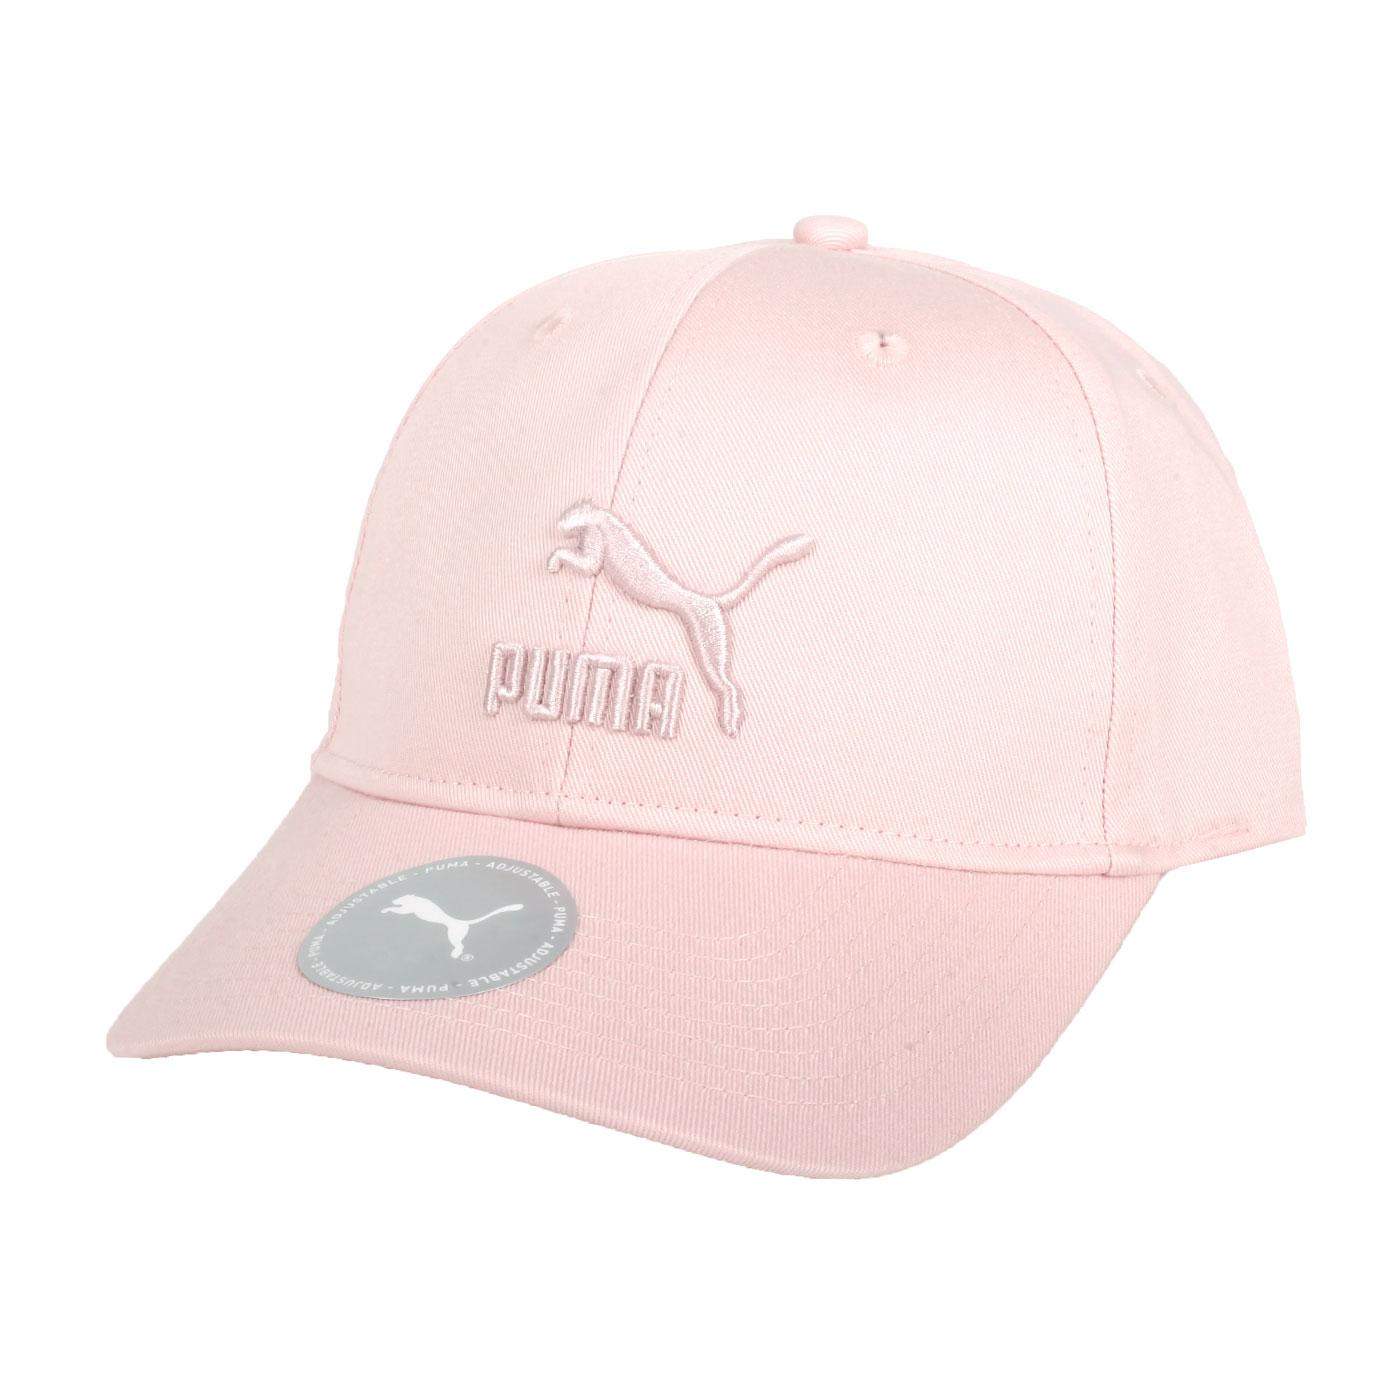 PUMA 流行系列棒球帽 02255414 - 粉紅